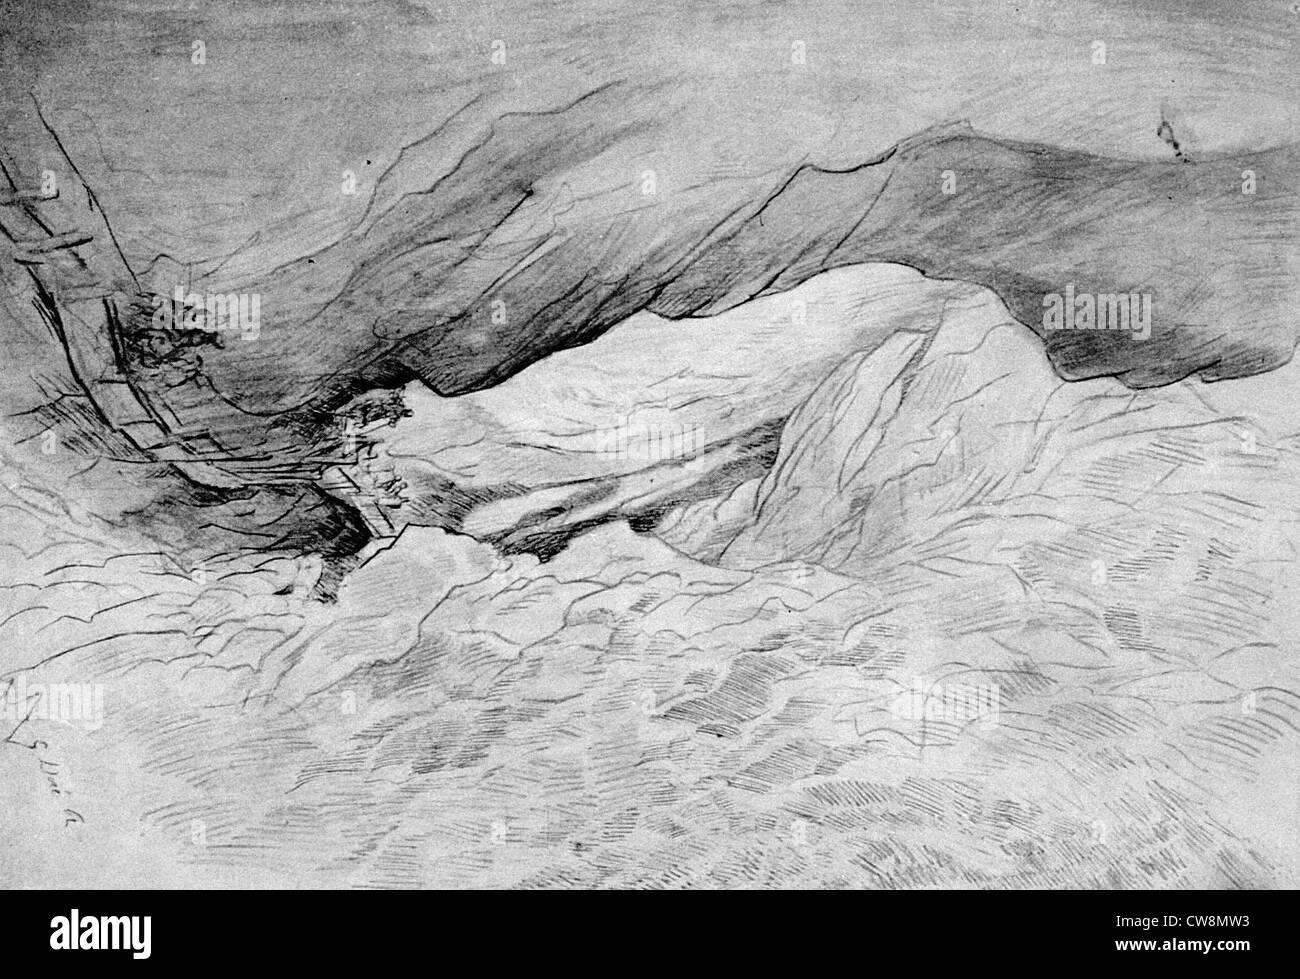 Gorges rocheuses, illustration par Gustave Doré Photo Stock